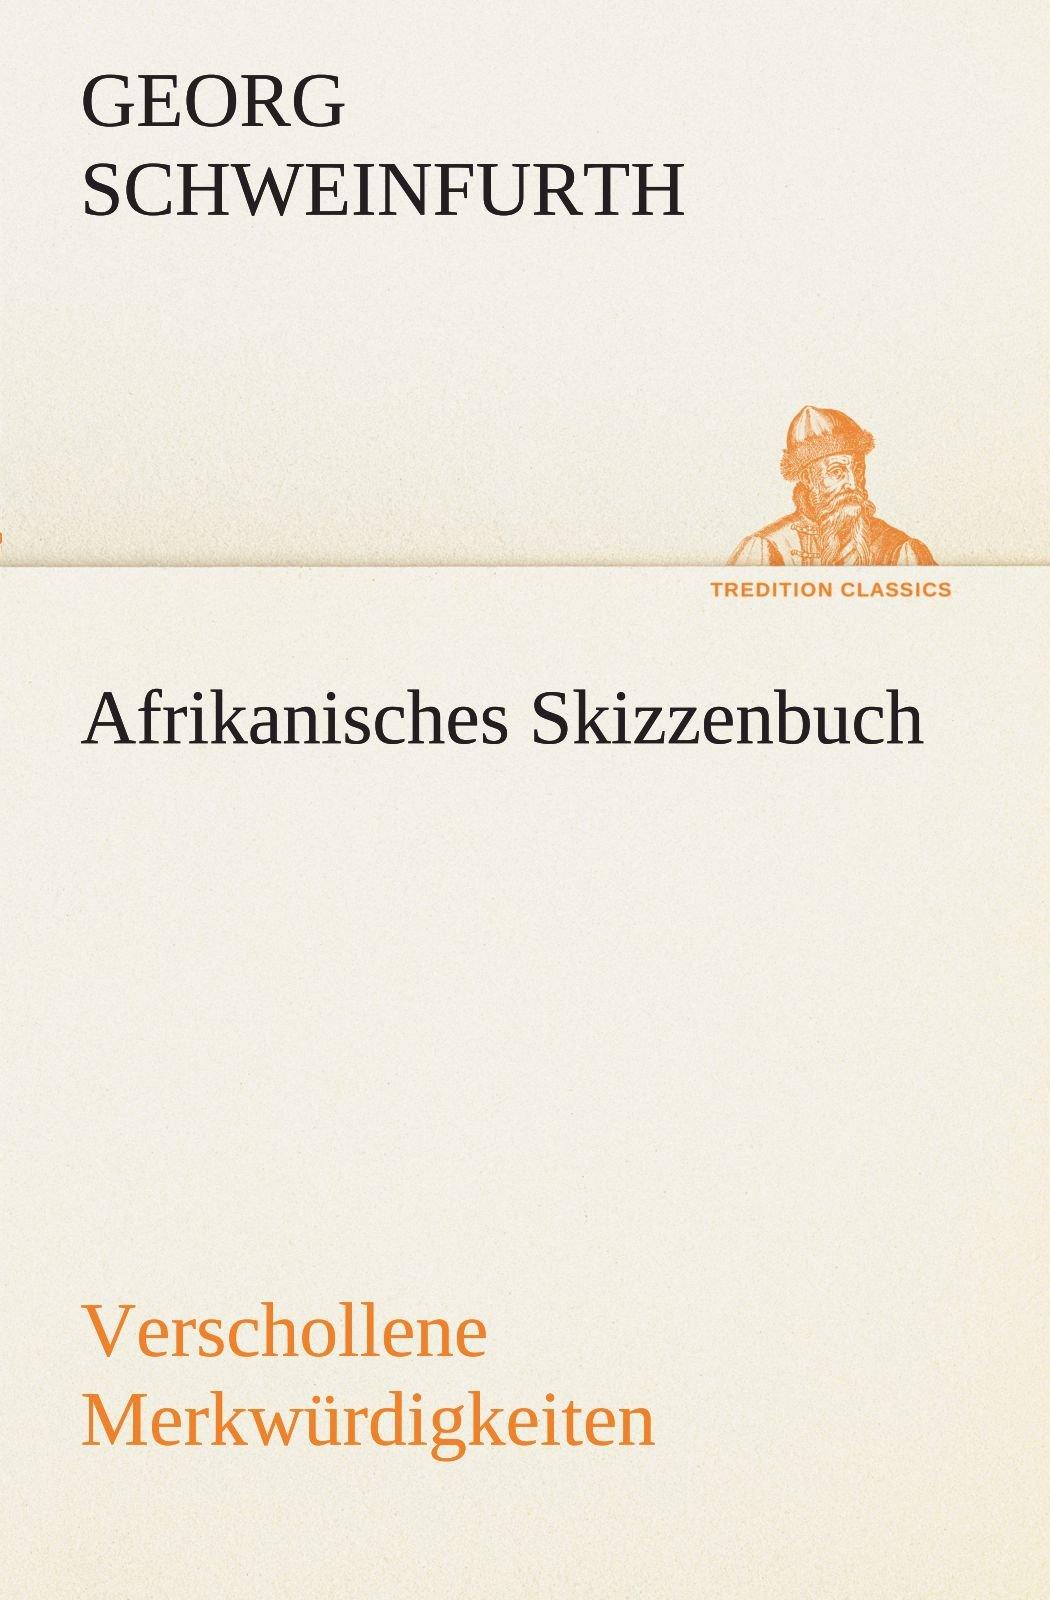 Afrikanisches Skizzenbuch: Verschollene Merkwürdigkeiten (TREDITION CLASSICS)